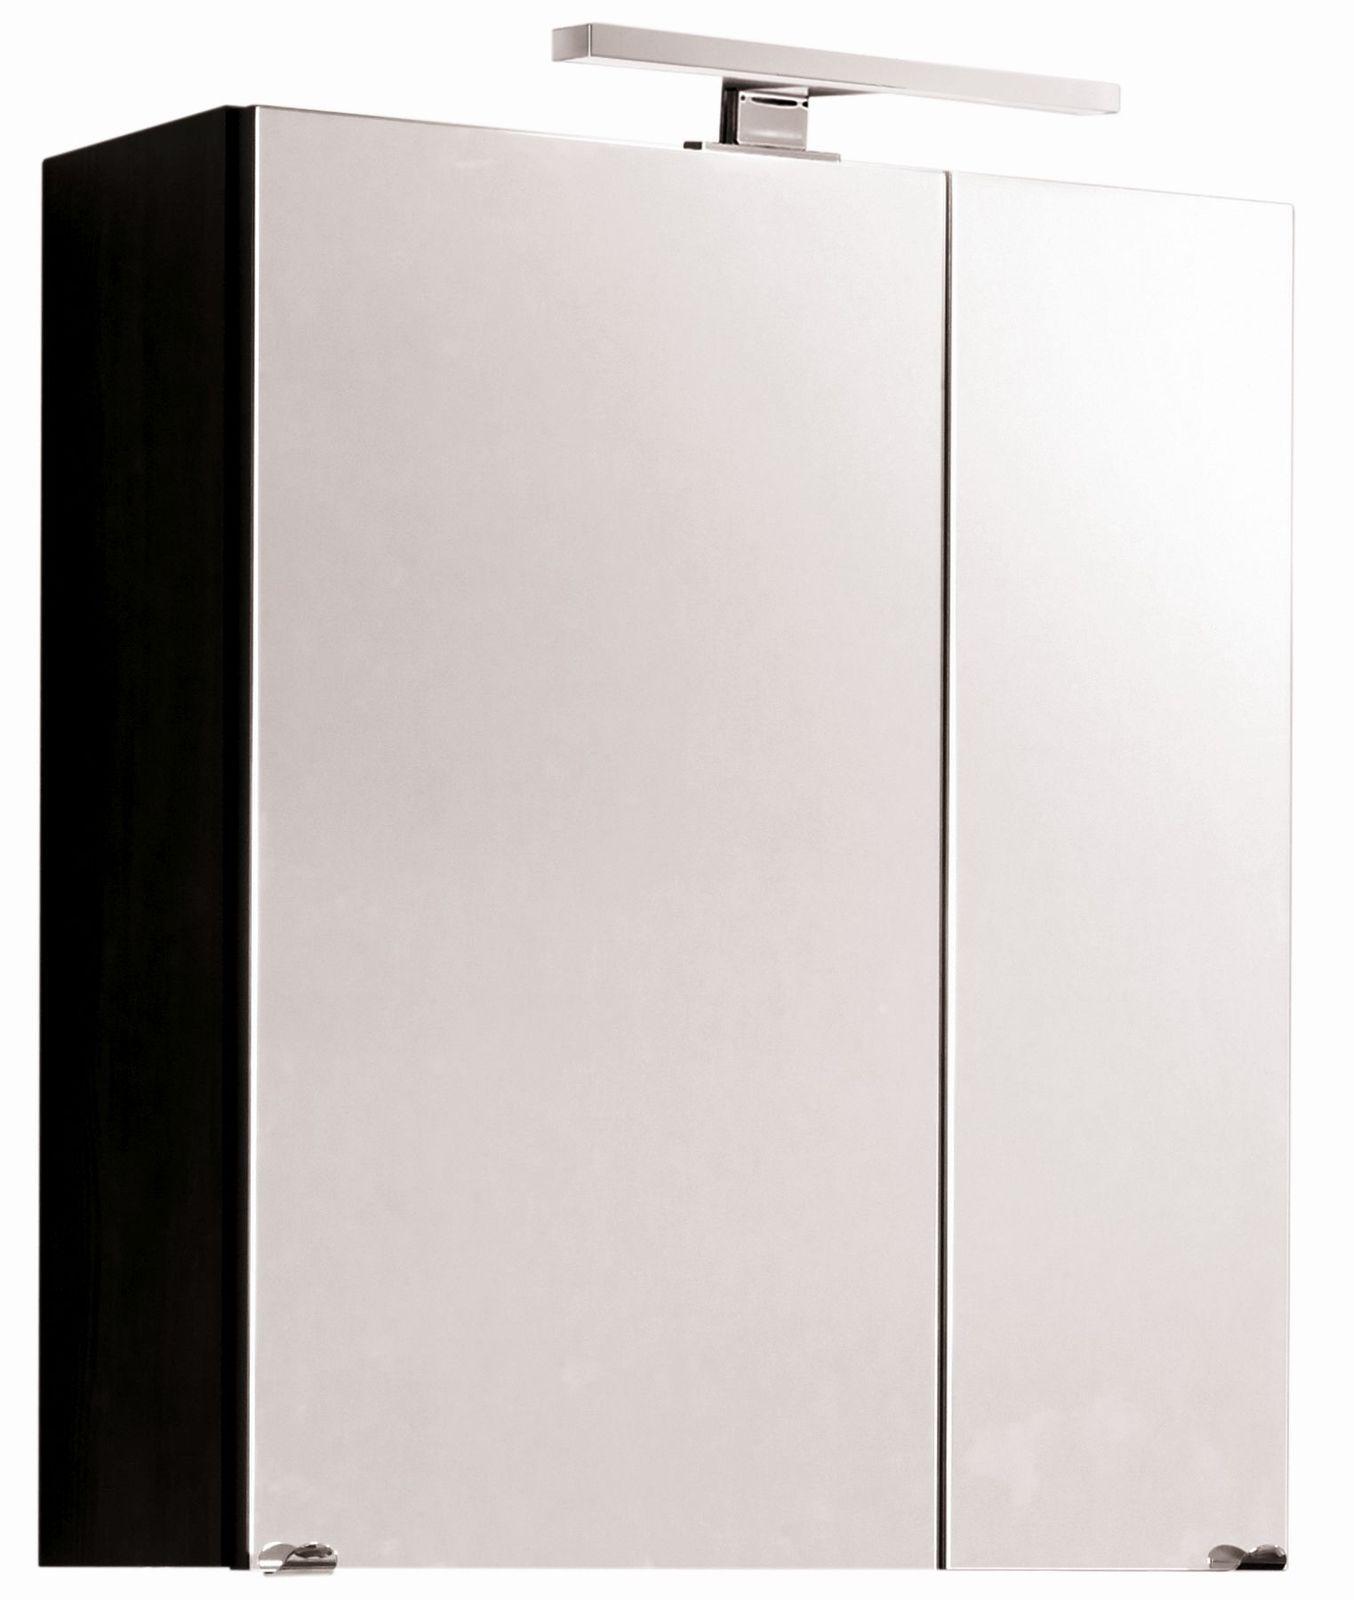 Bad led spiegelschrank 60 x 68 x 22 cm schalter stecker - Spiegelschrank bad 60 cm ...